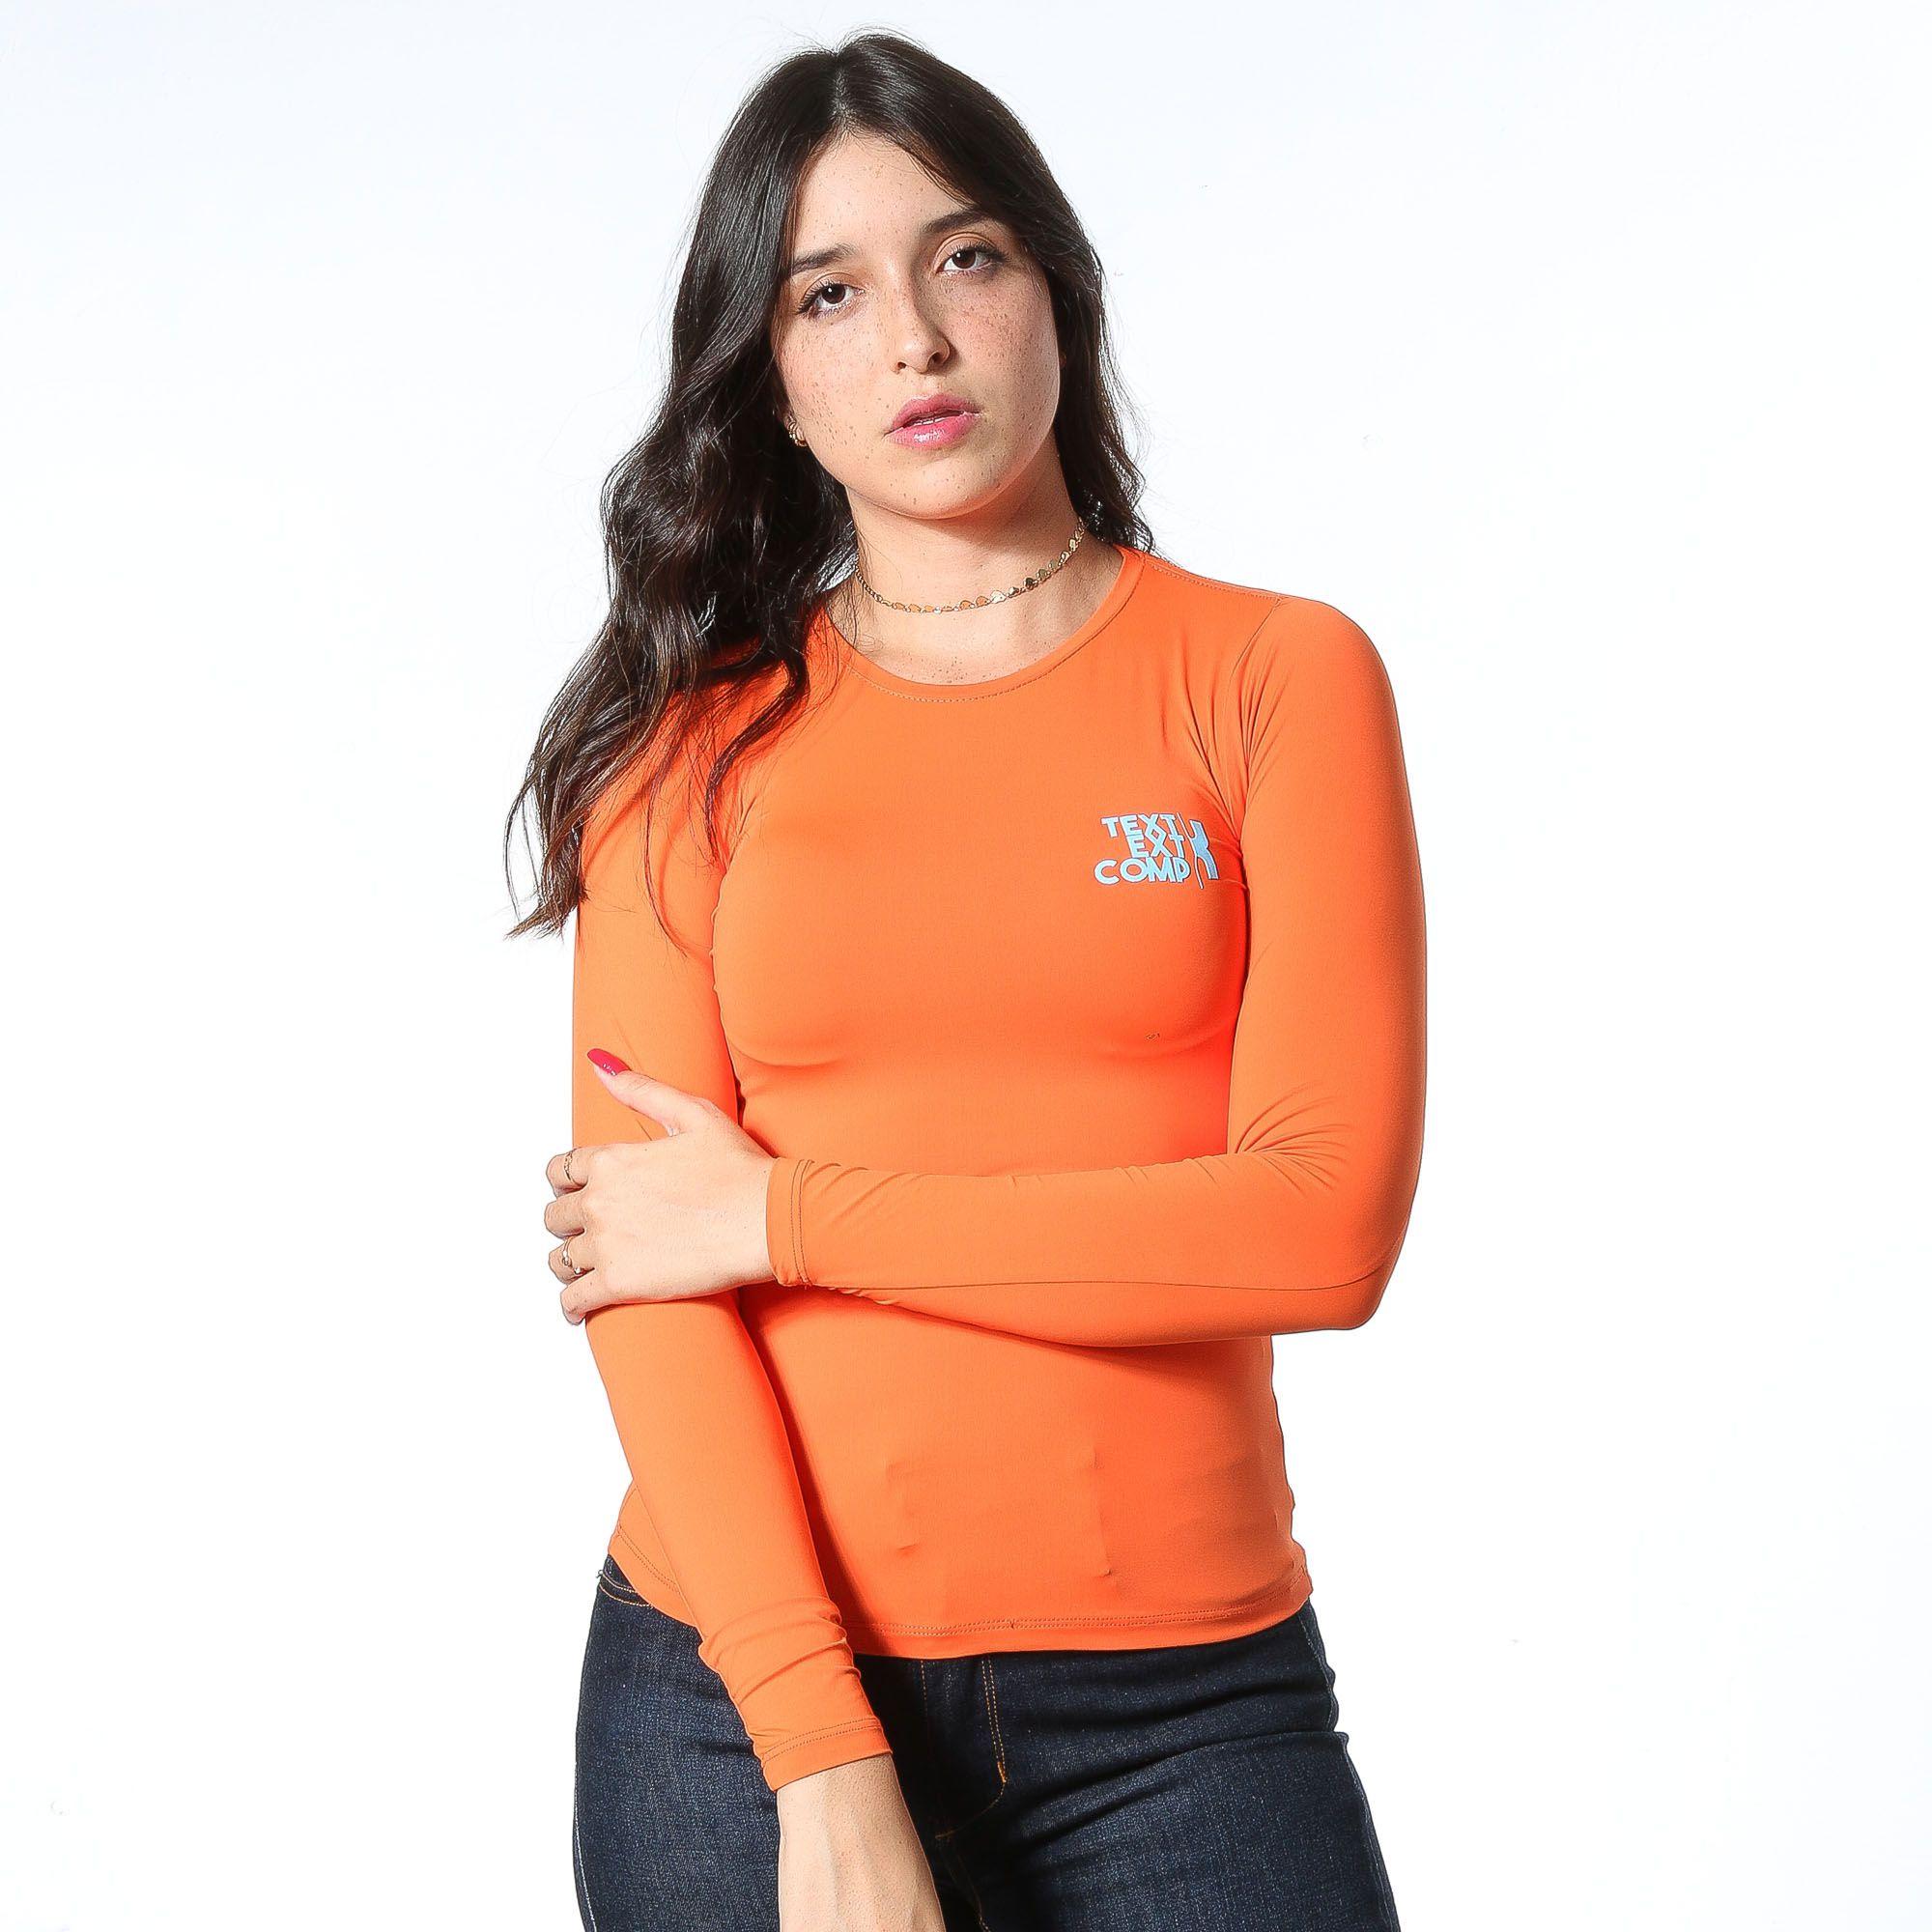 Camiseta Feminina TXC 4482